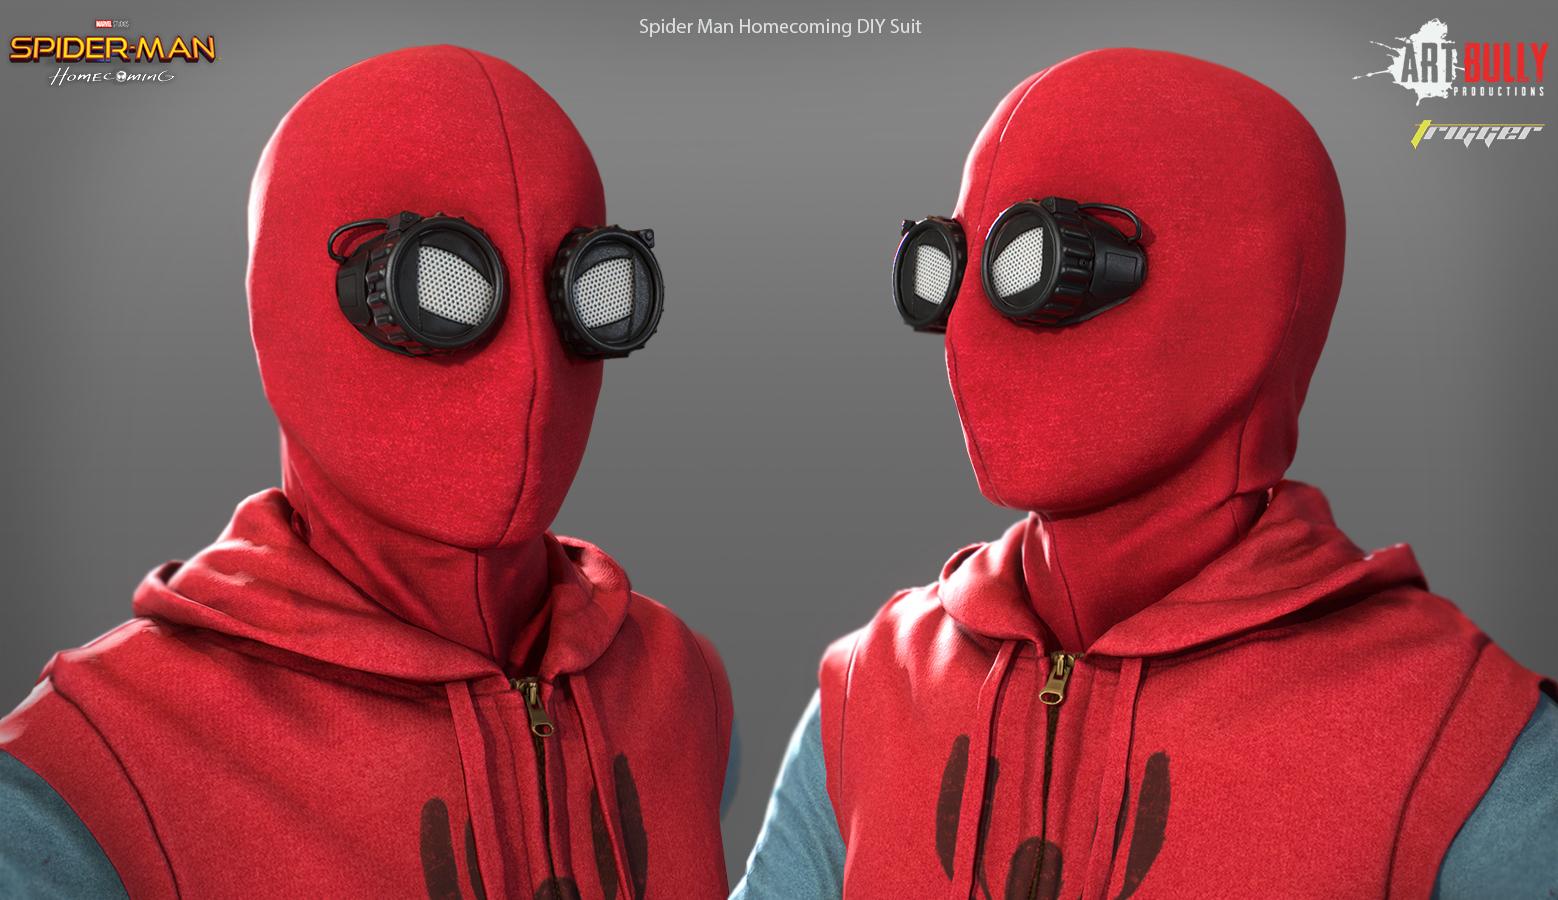 SpiderMan_Homecoming_DIY_Suit_Render_CU_01.jpg